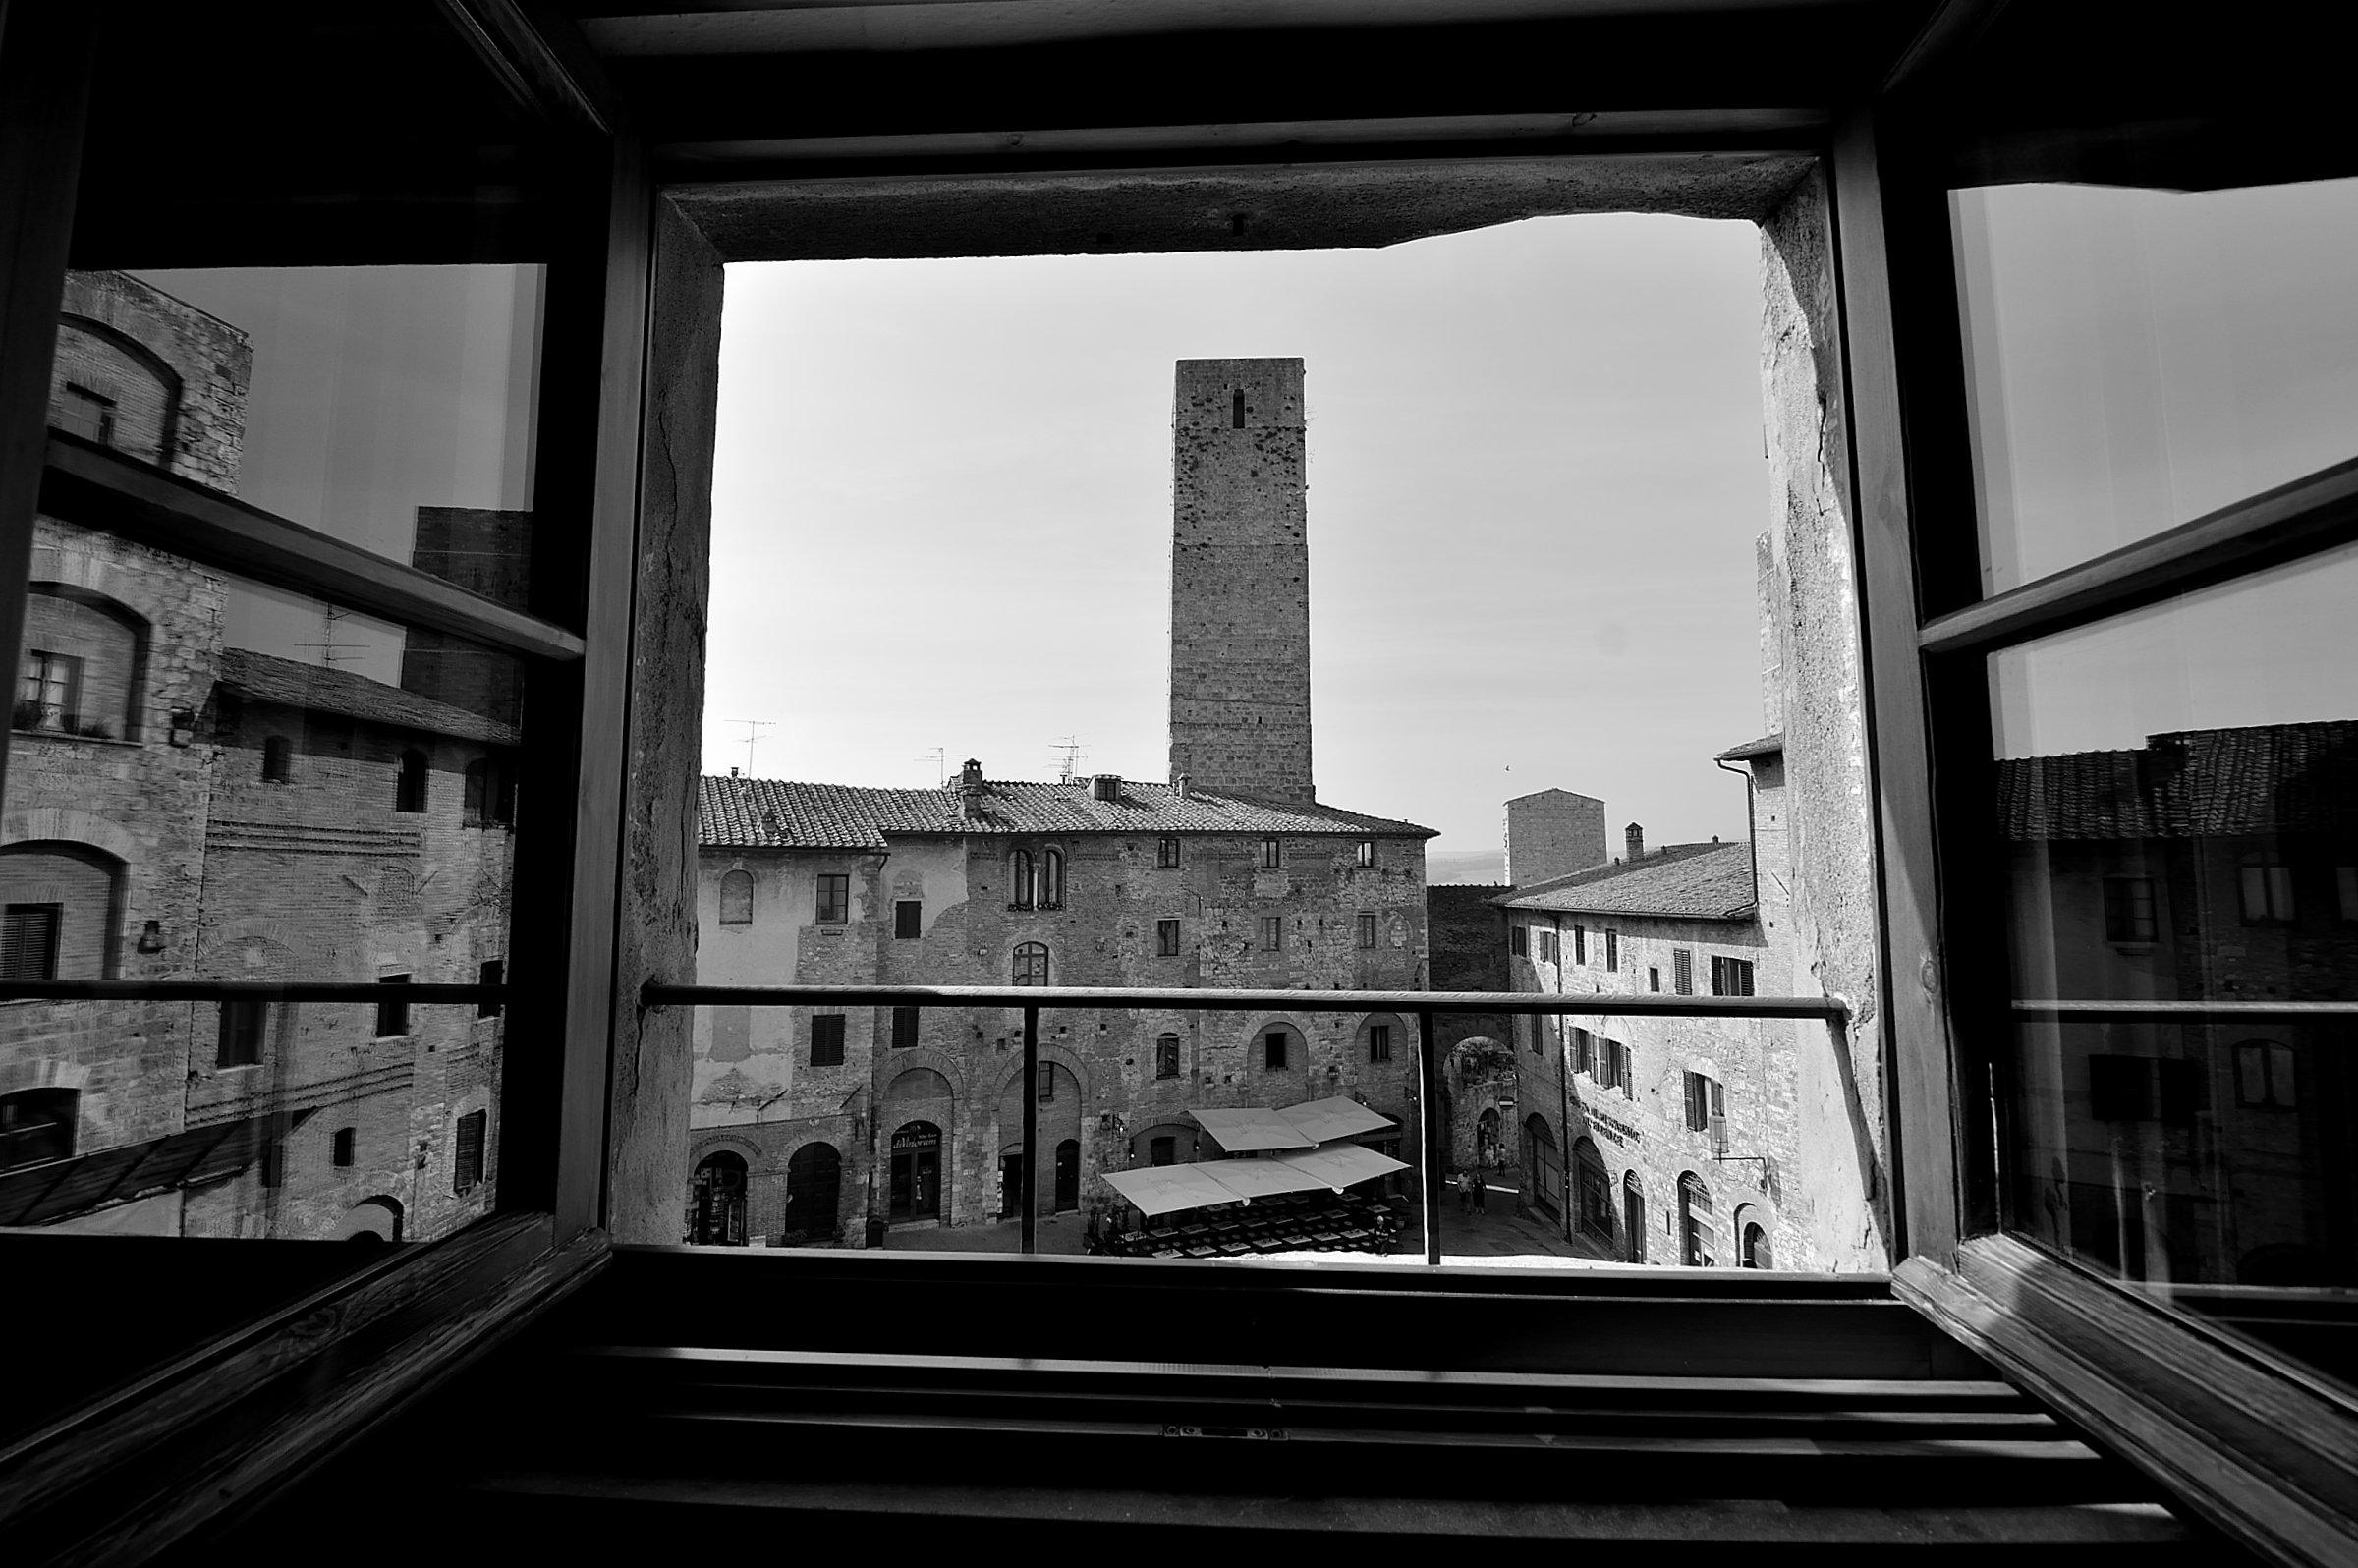 Vista dal un balcone, in bianco e nero, di una torre in mezzo ad una piazza storica